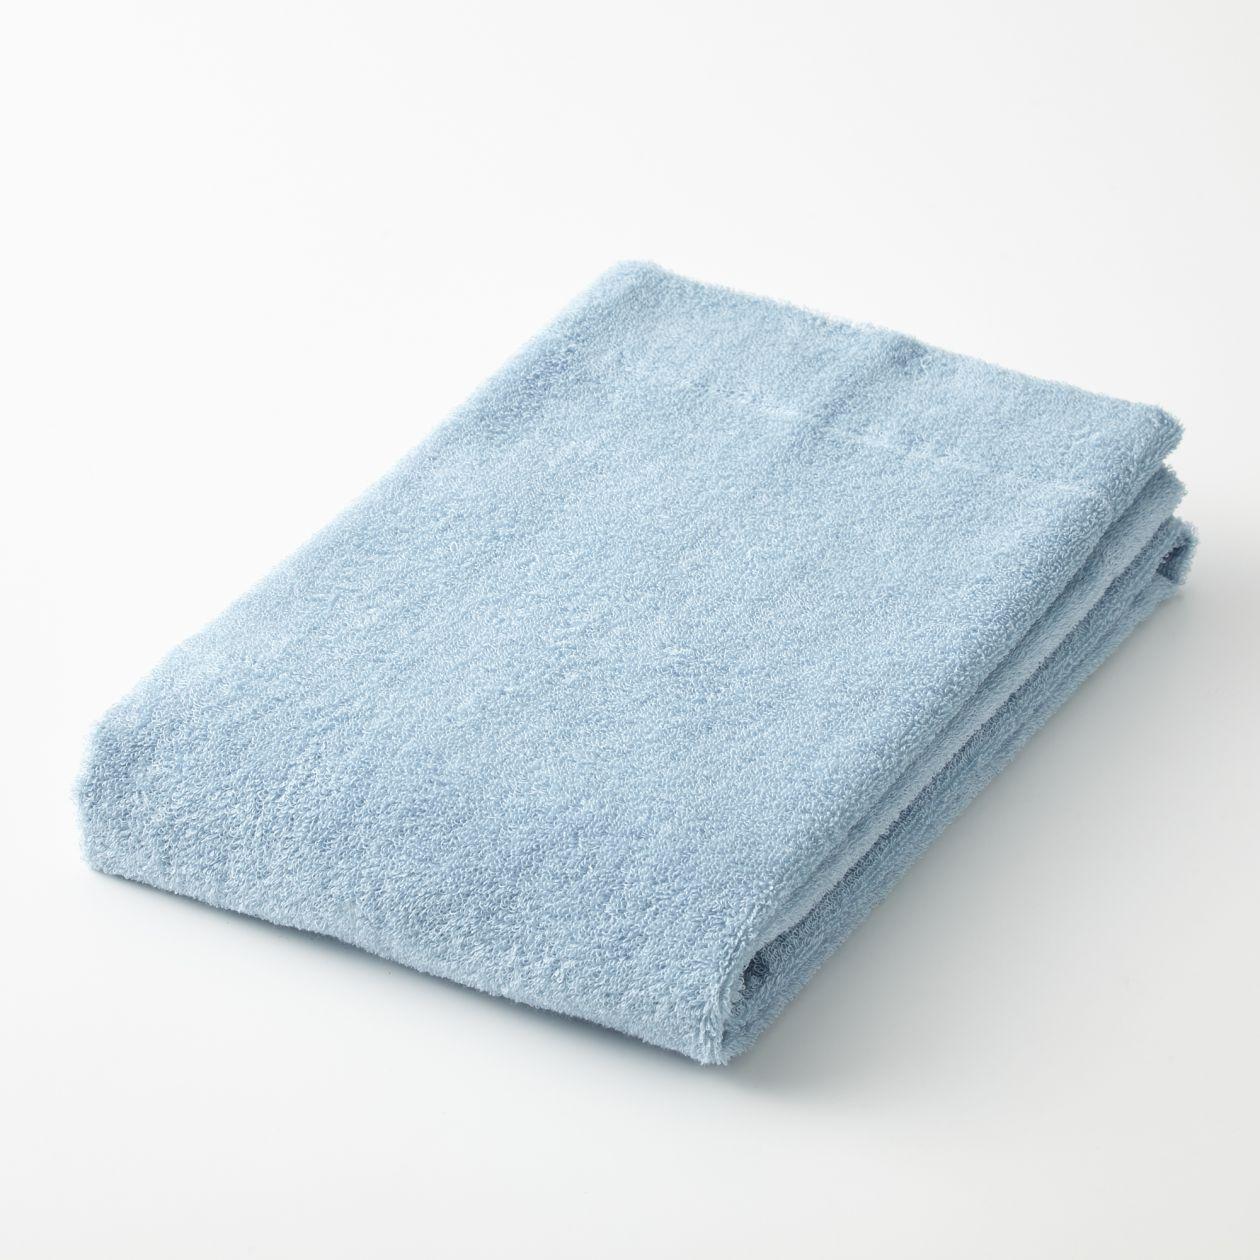 綿パイルスモールバスタオル・薄手/ブルー